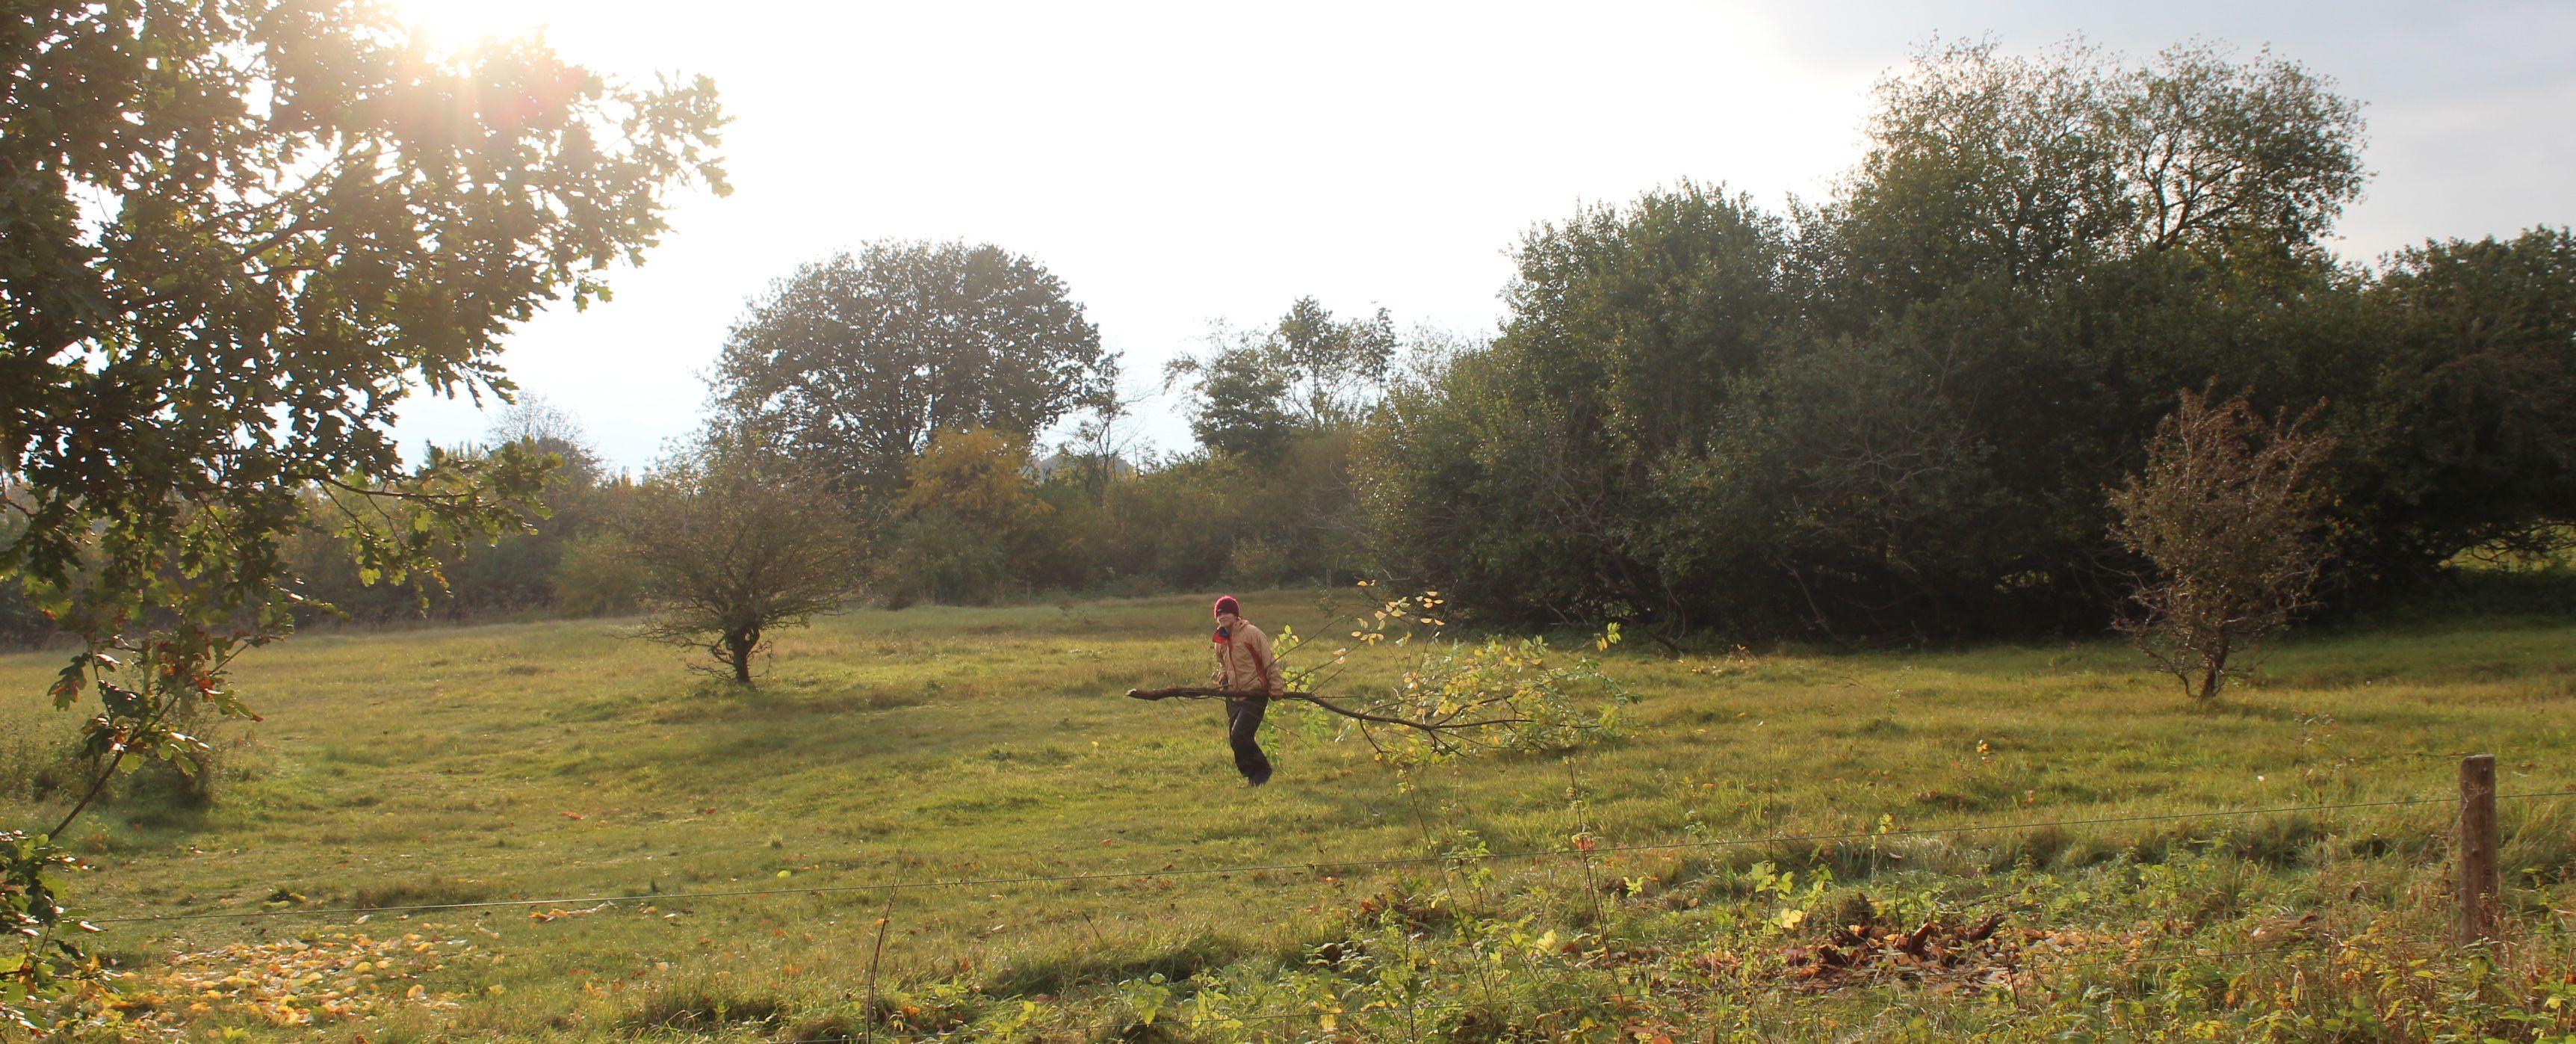 Freiwillige freiwillig eine Traubenkirsche hinter sich herziehend.